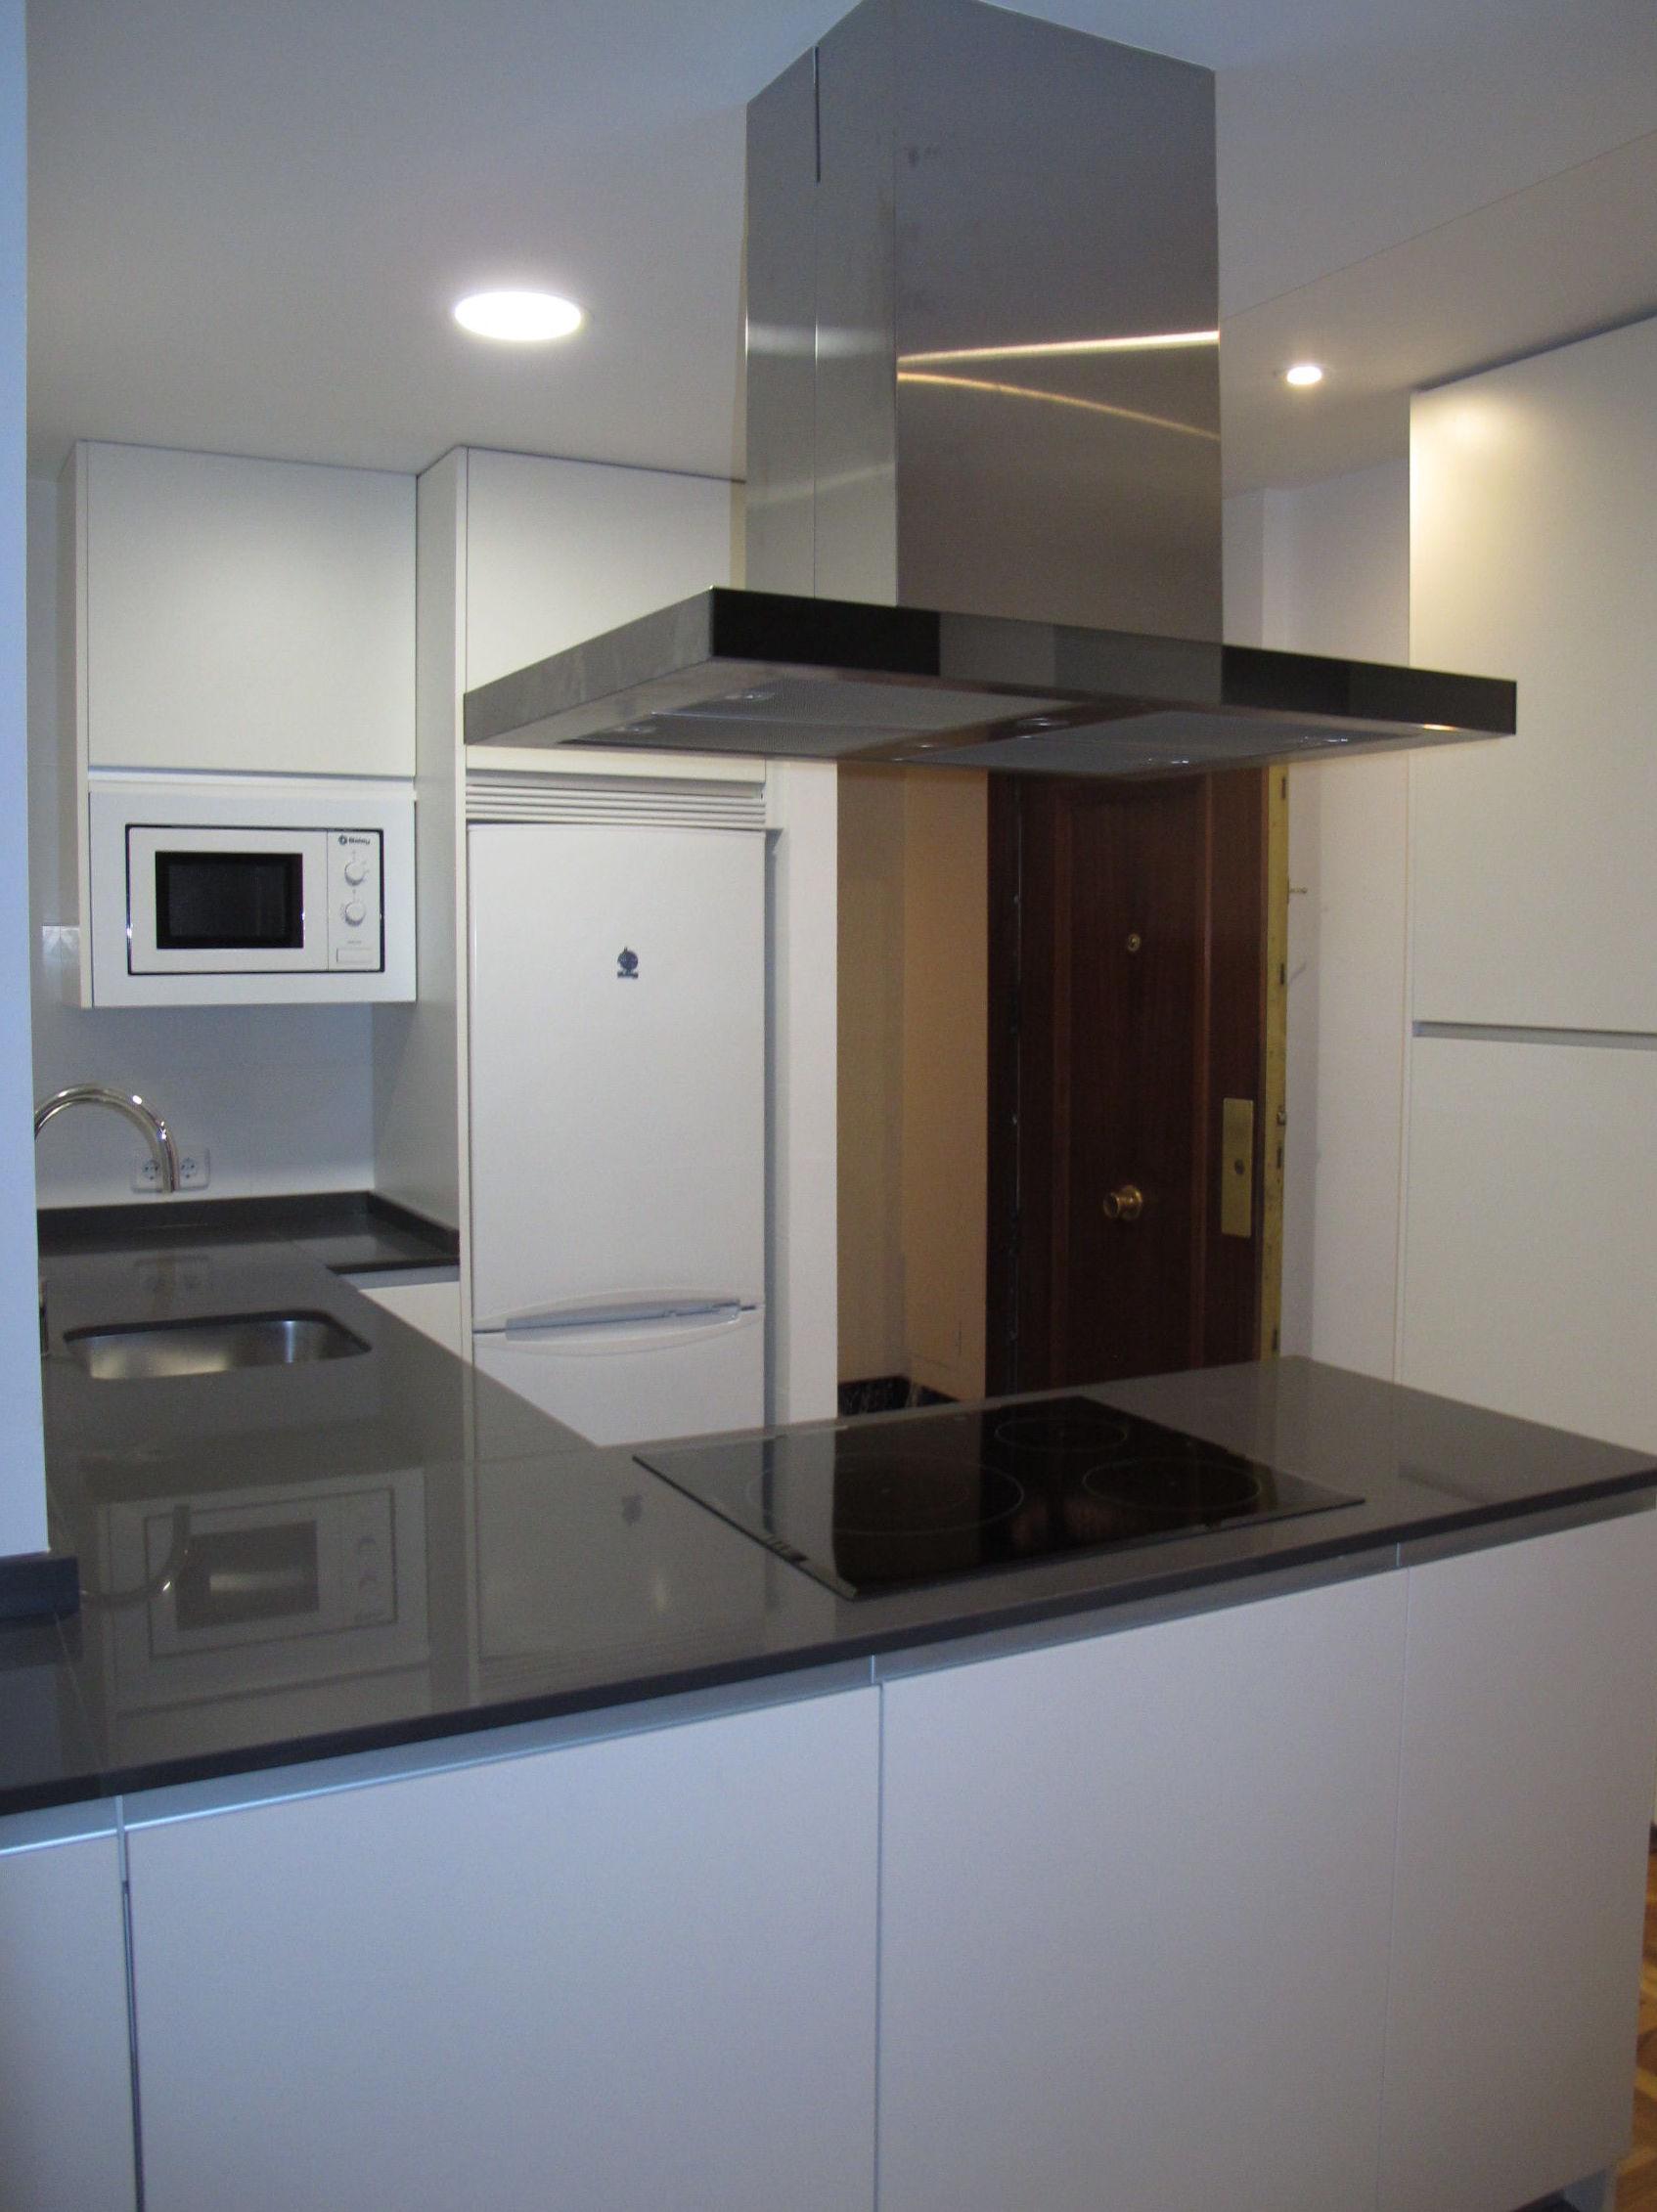 Muebles de Cocina - Proyecto realizado en Atocha: PROYECTOS REALIZADOS de Diseño Cocinas MC